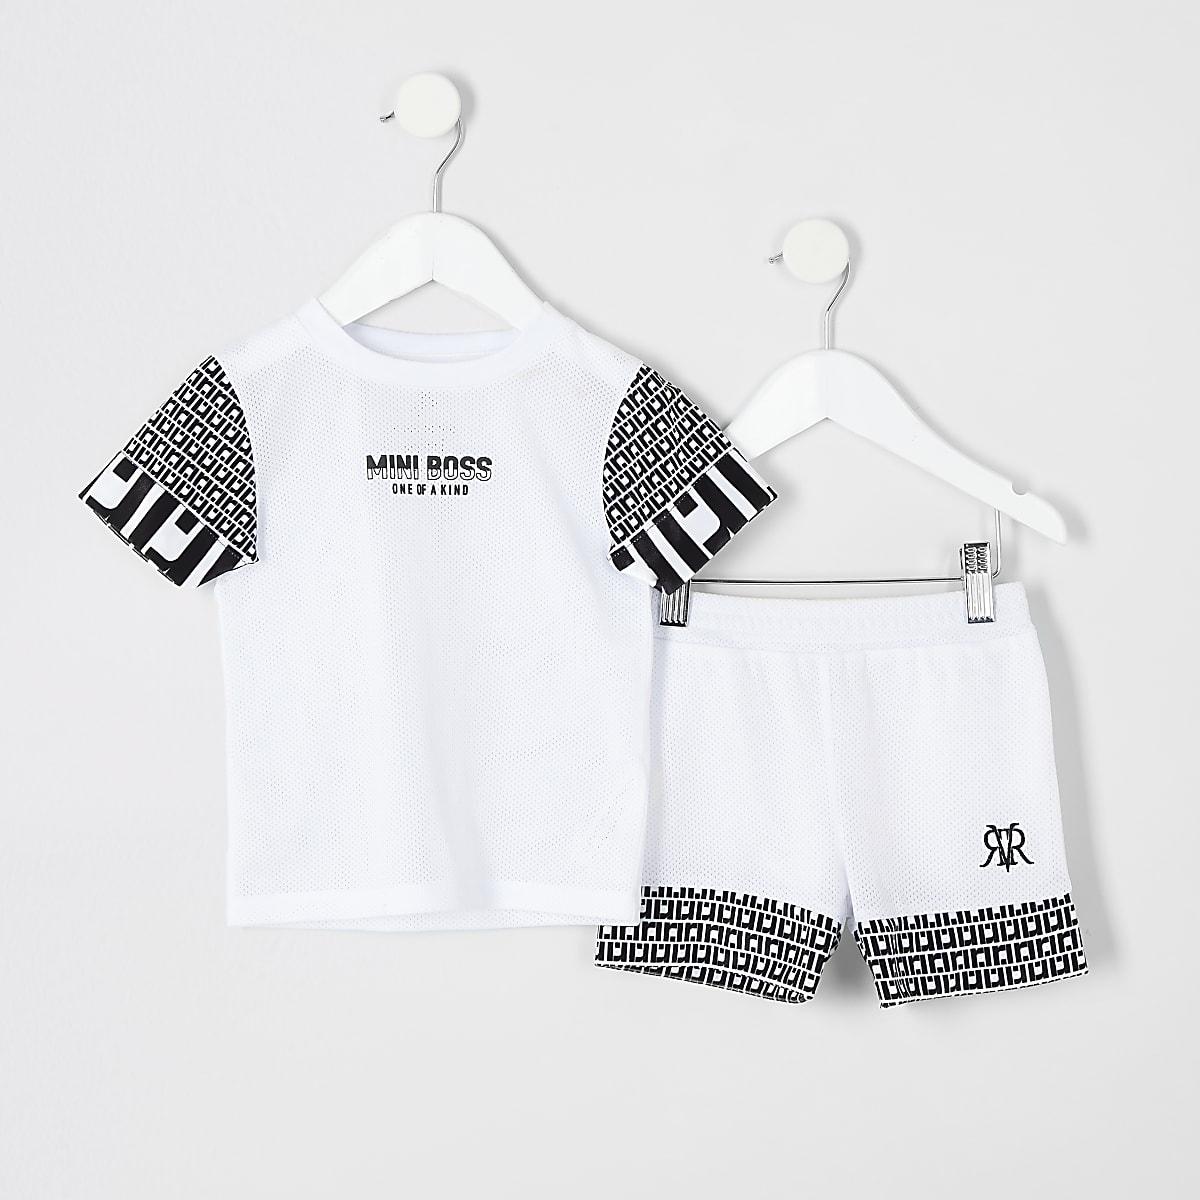 a8a7a8b1f Mini boys RI 'mini boss' print T-shirt outfit - Baby Boys Outfits - Mini  Boys - boys